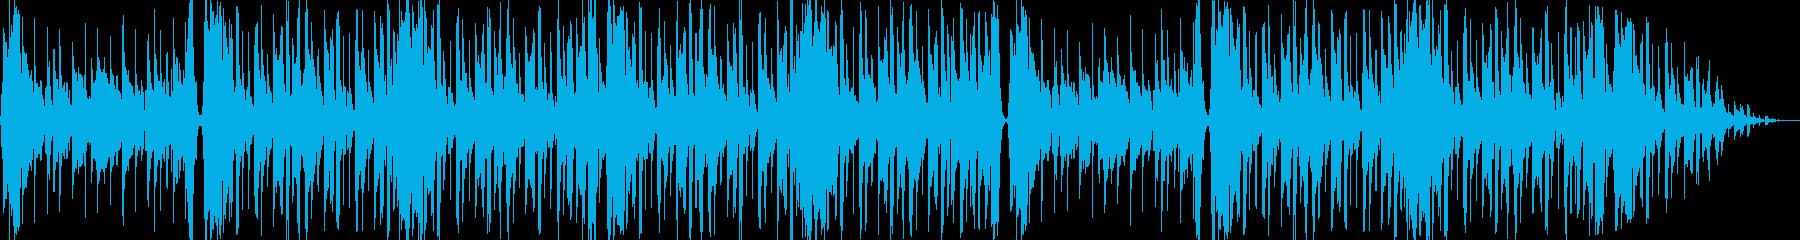 ゆったりとした優しいエレクトロBGMの再生済みの波形